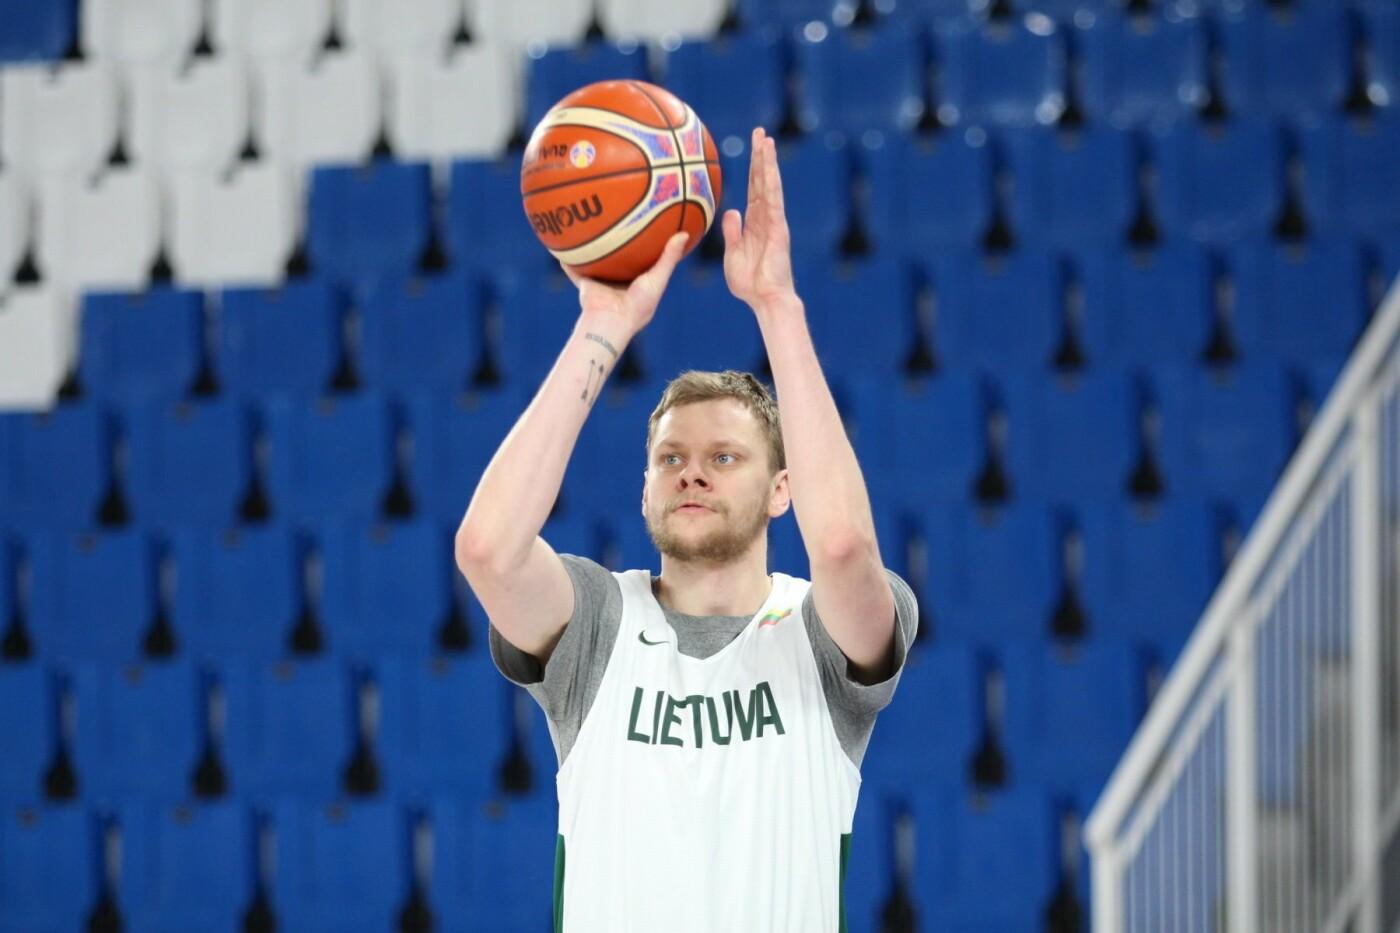 Lietuvos vyrų krepšinio rinktinė surengė vienintelę treniruotę Italijoje, nuotrauka-24